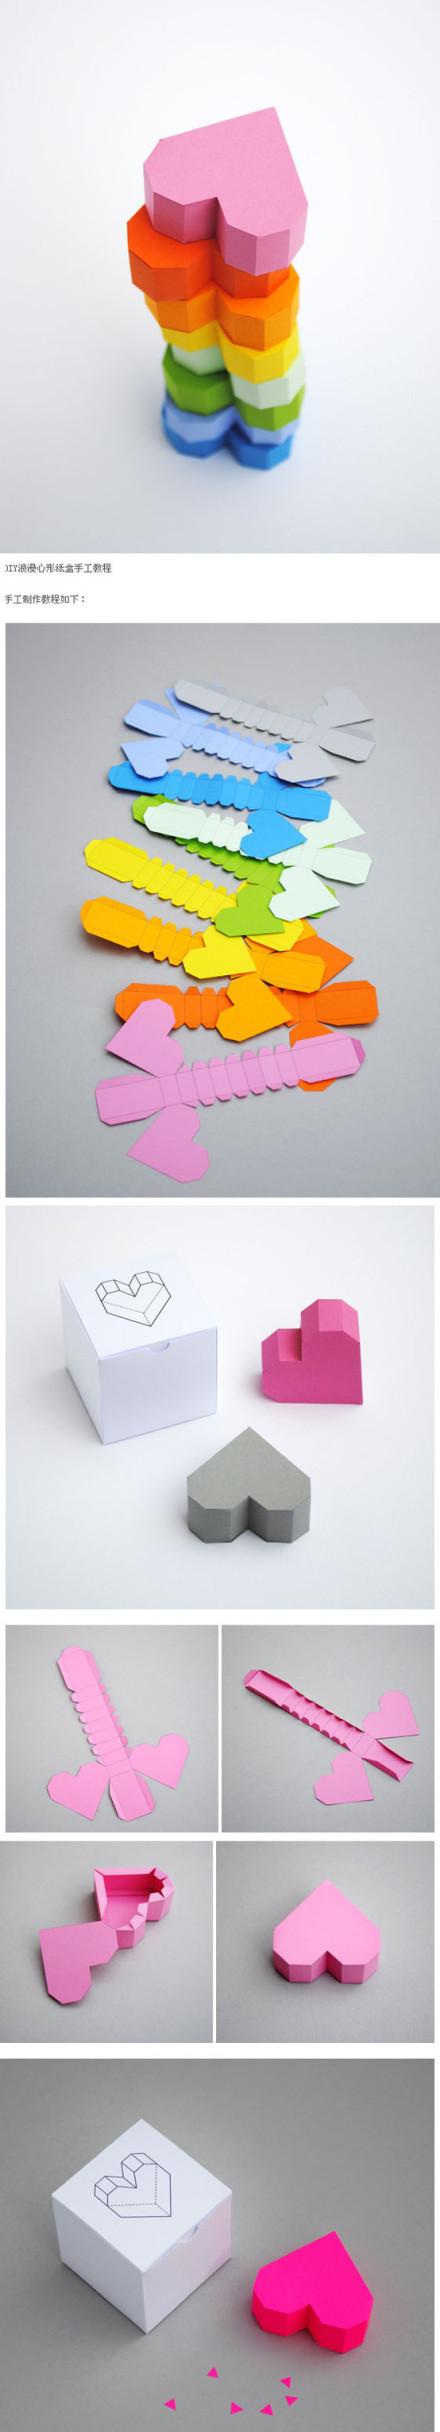 3-boyutlu-kagit-kalp-yapimi